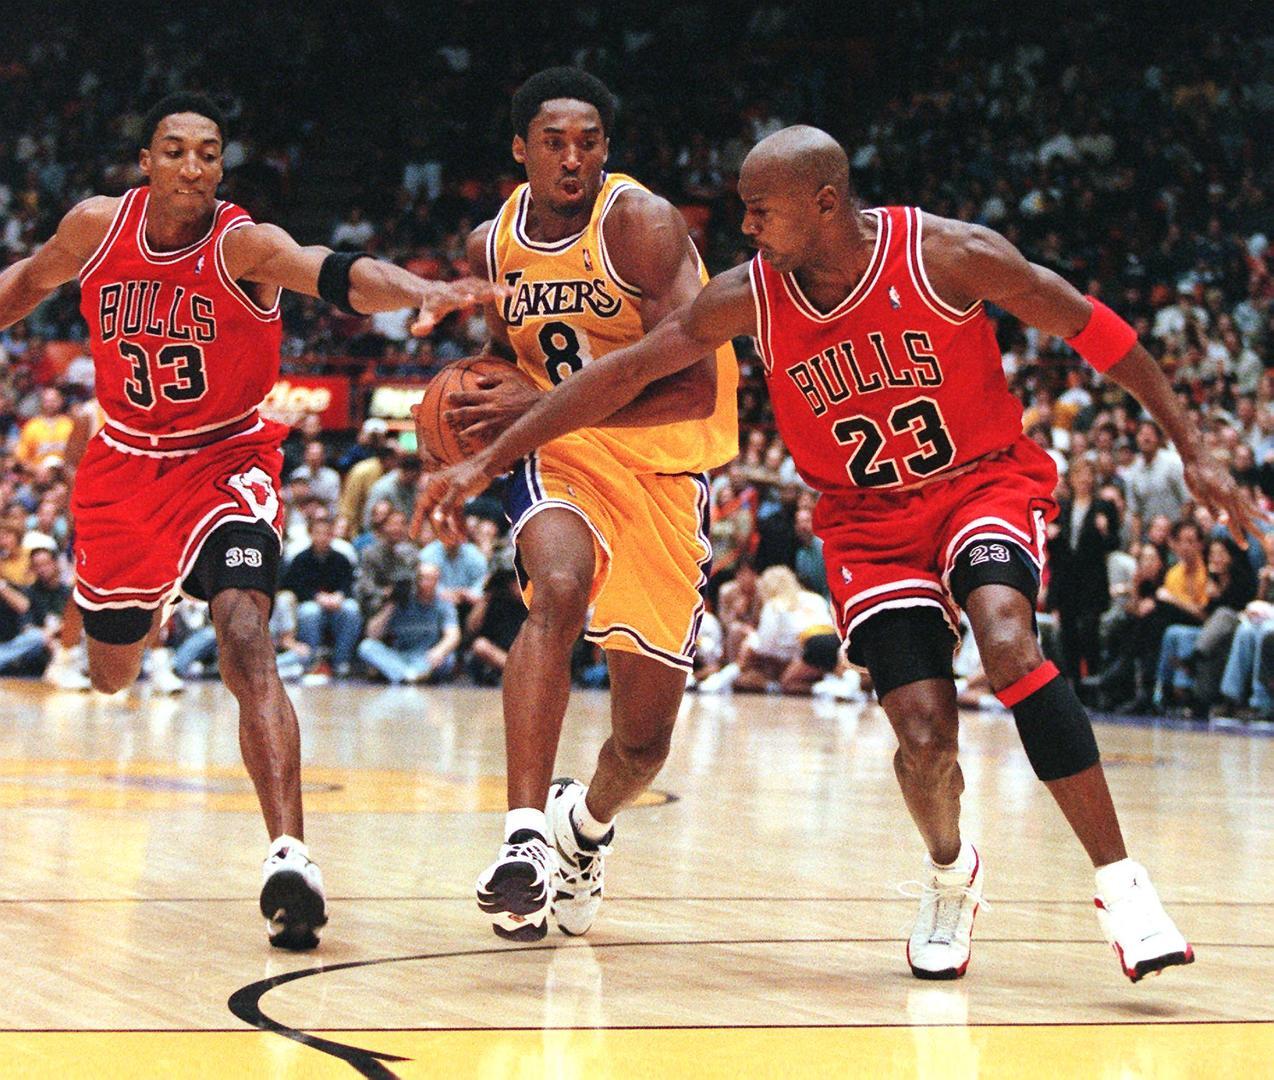 Nach Hubschrauberabsturz: Weltweite Trauer um Basketball-Star Kobe Bryant